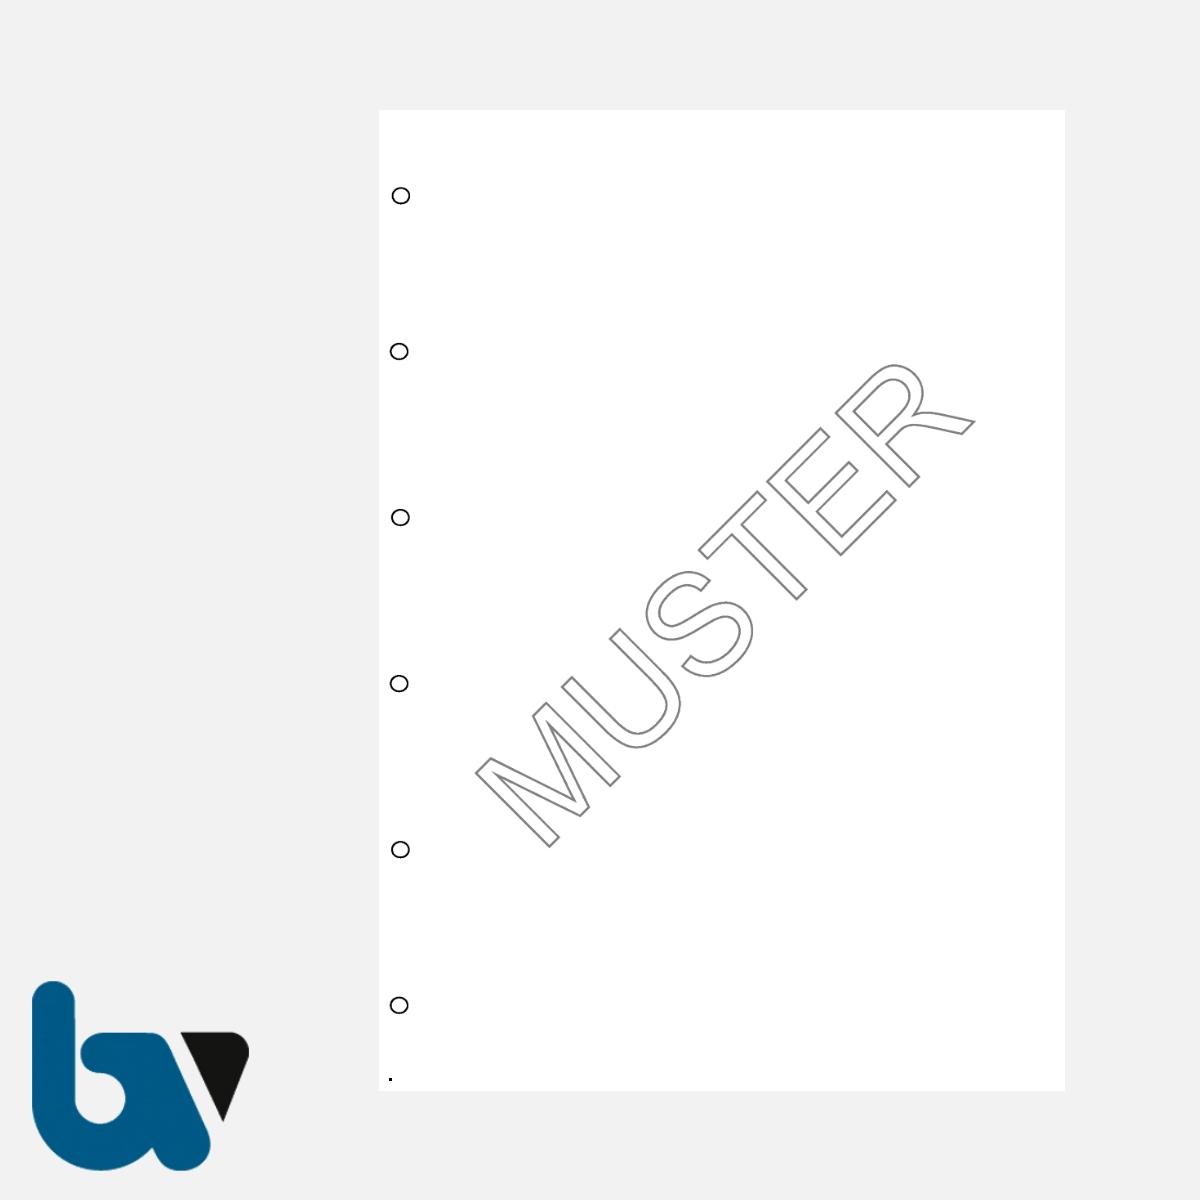 0/168-5.1g Sicherheitspapier Standesamt Personenstand Urkunde Kopierschutz Scanschutz Dokument Security 6-fach Lochung gelocht blanko Stammbuch Format 130 200 | Borgard Verlag GmbH